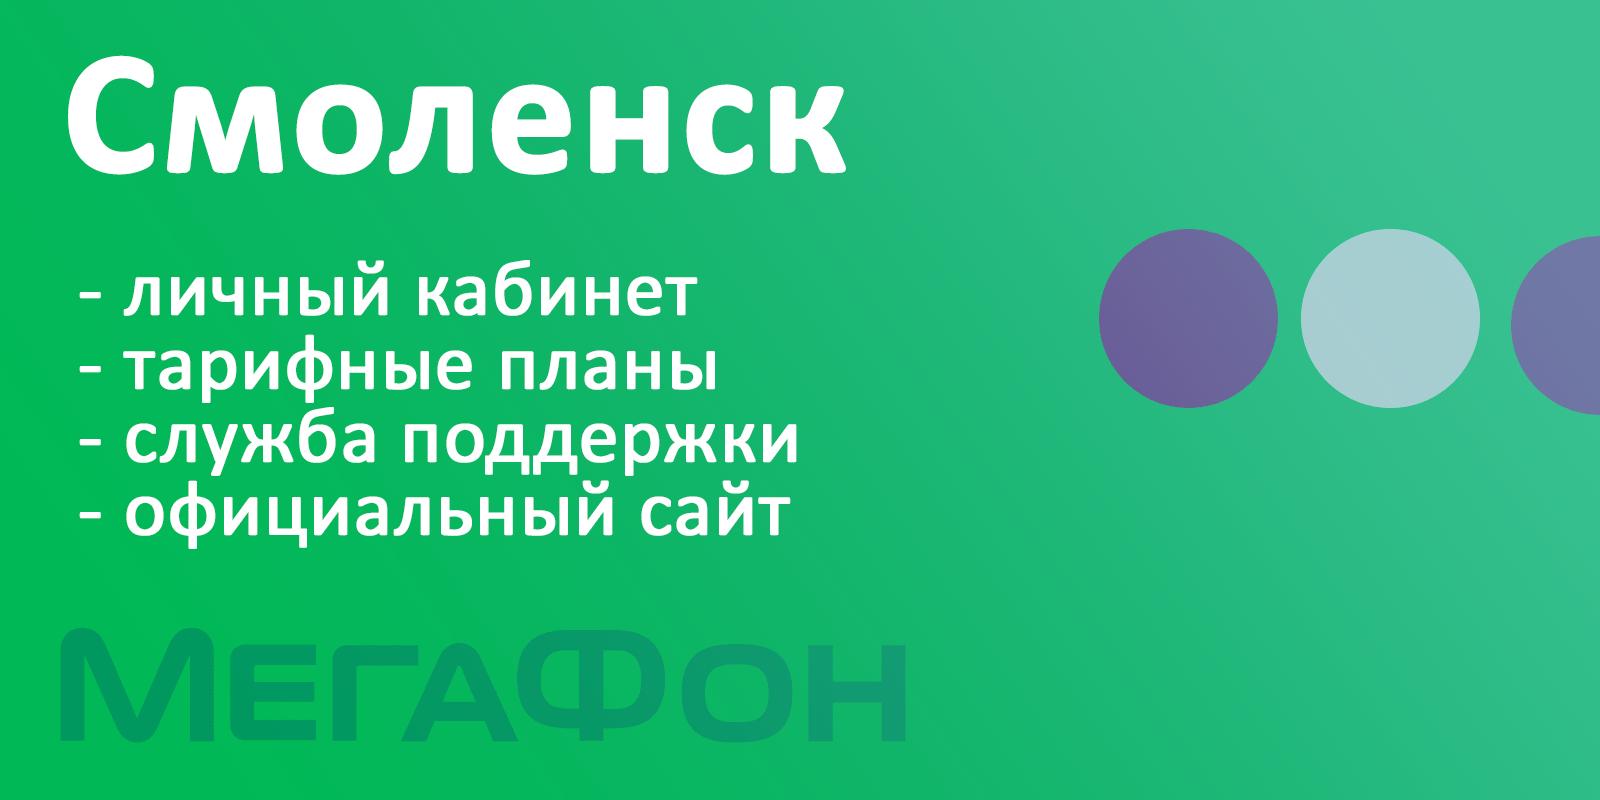 Мегафон Смоленск - тарифы, официальный сайт, личный кабинет